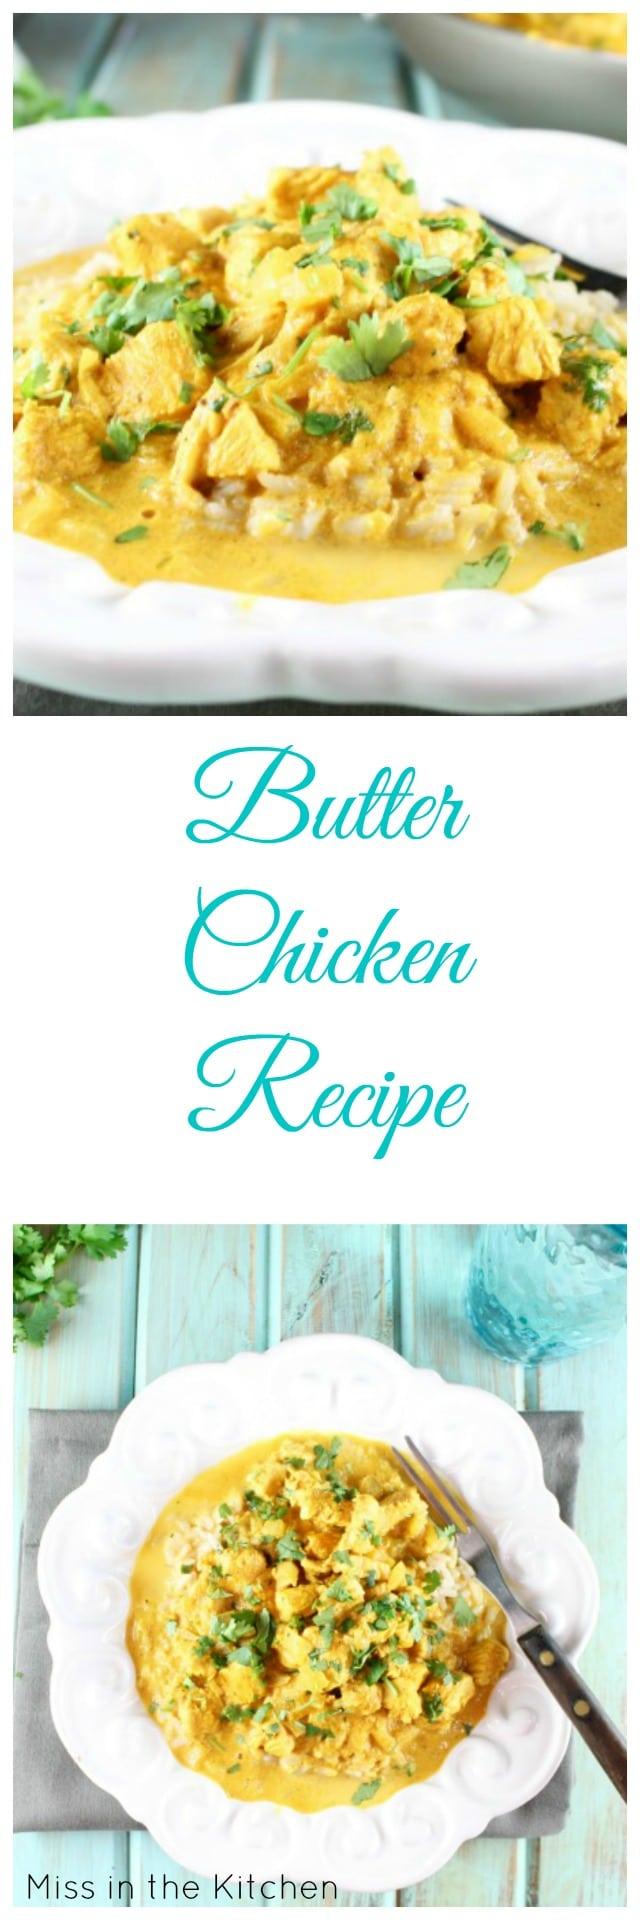 Butter Chicken Recipe from MissintheKitchen #ad #TeamFarberware